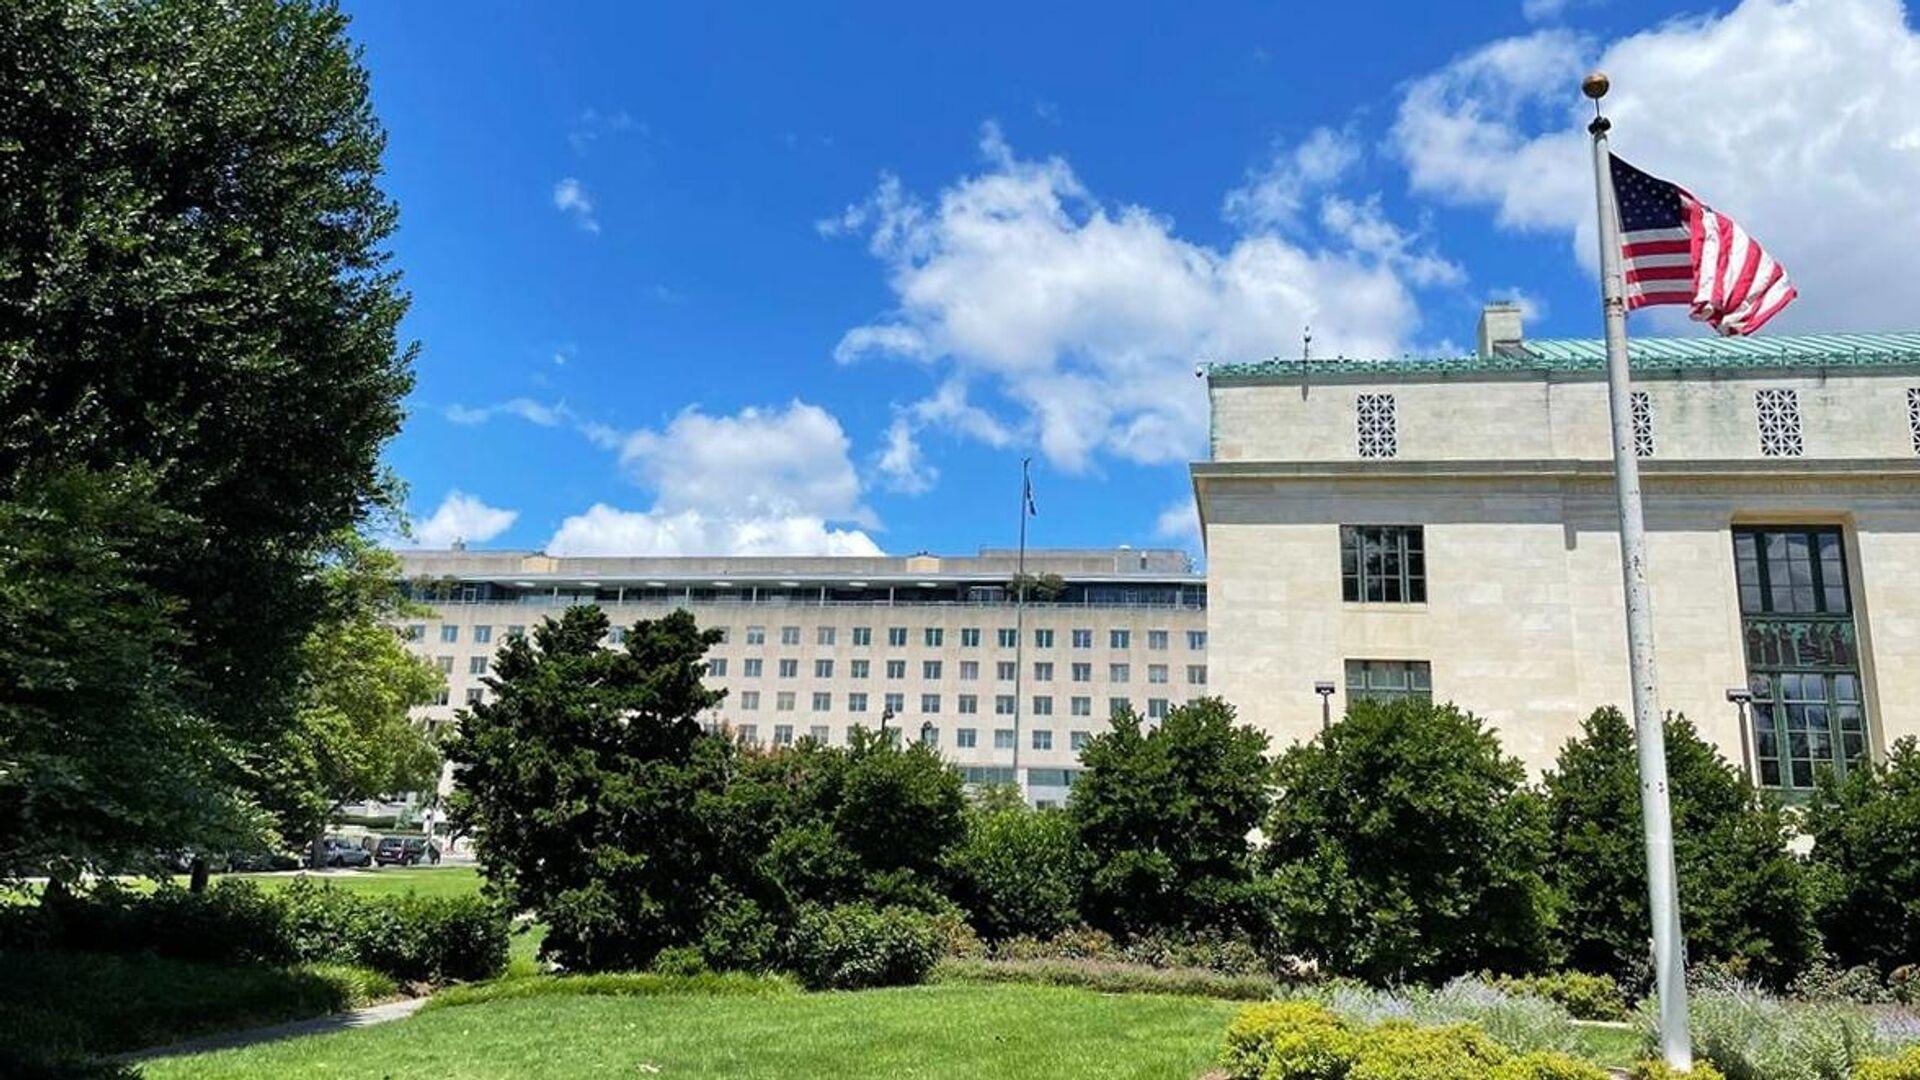 Здание Государственного департамента США в Вашингтоне - РИА Новости, 1920, 20.08.2021